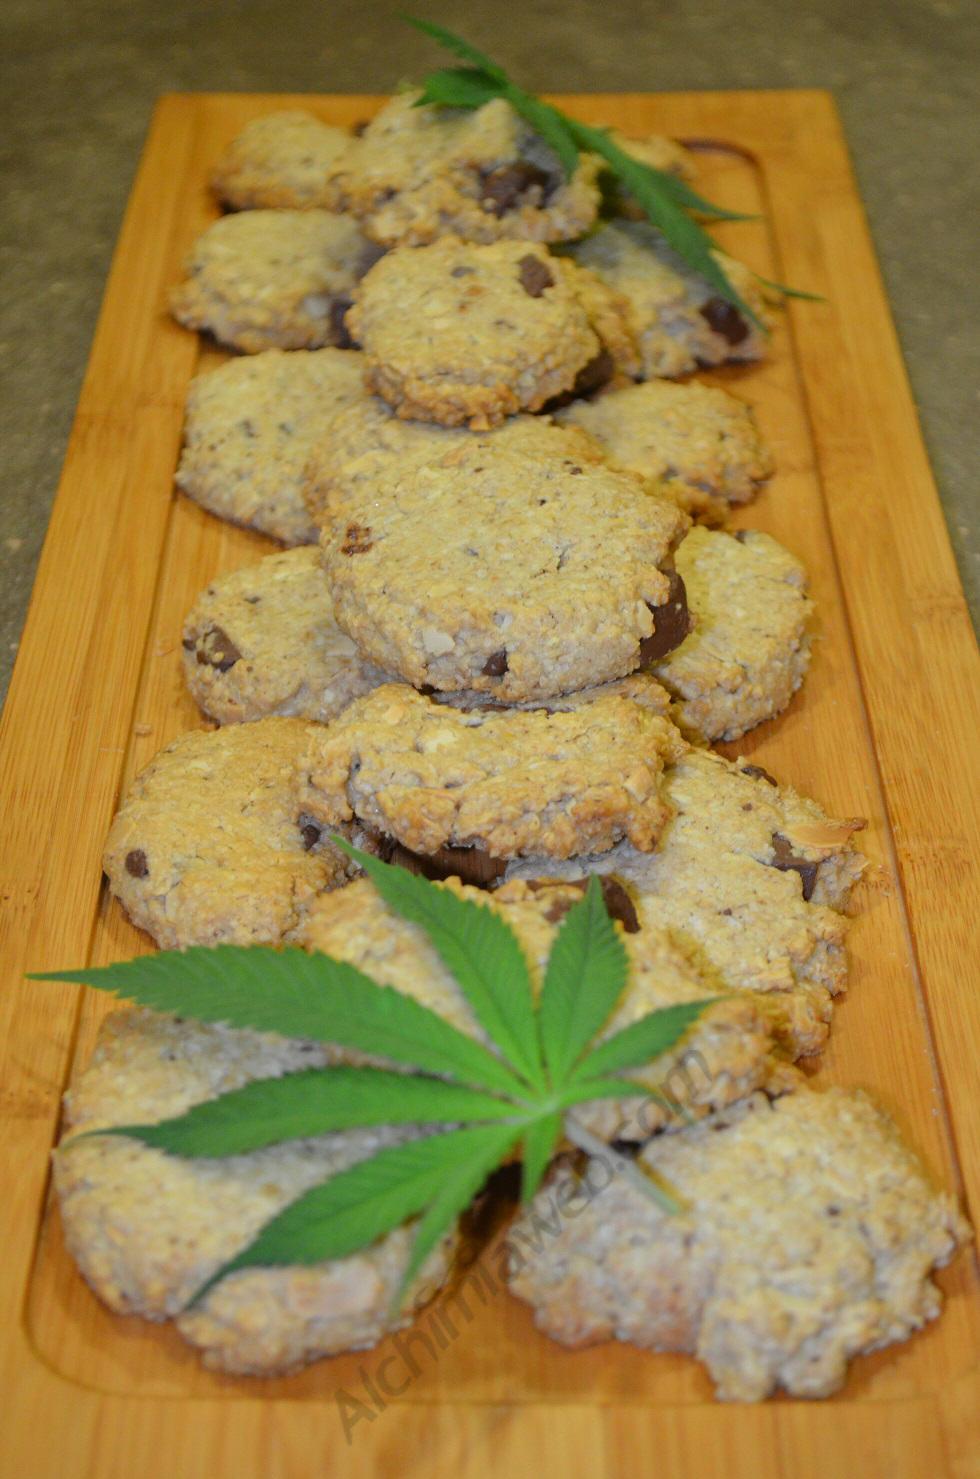 Les space  cookies ja estan a punt per ser degustades!